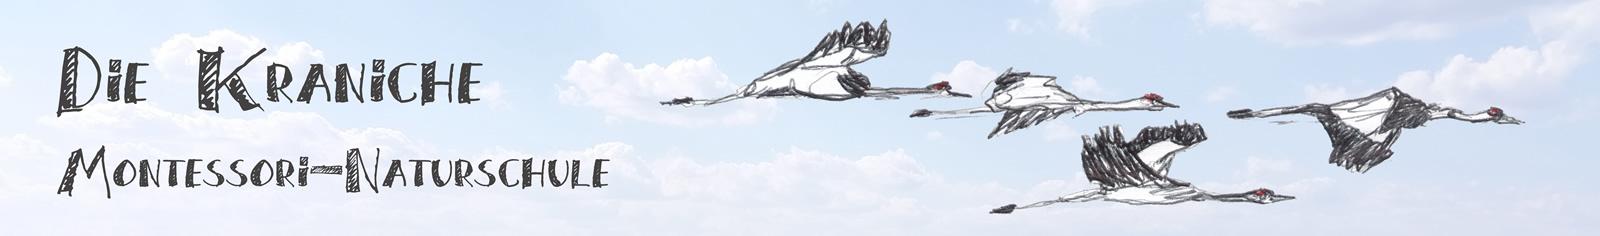 Kopfbild - fliegende Kraniche